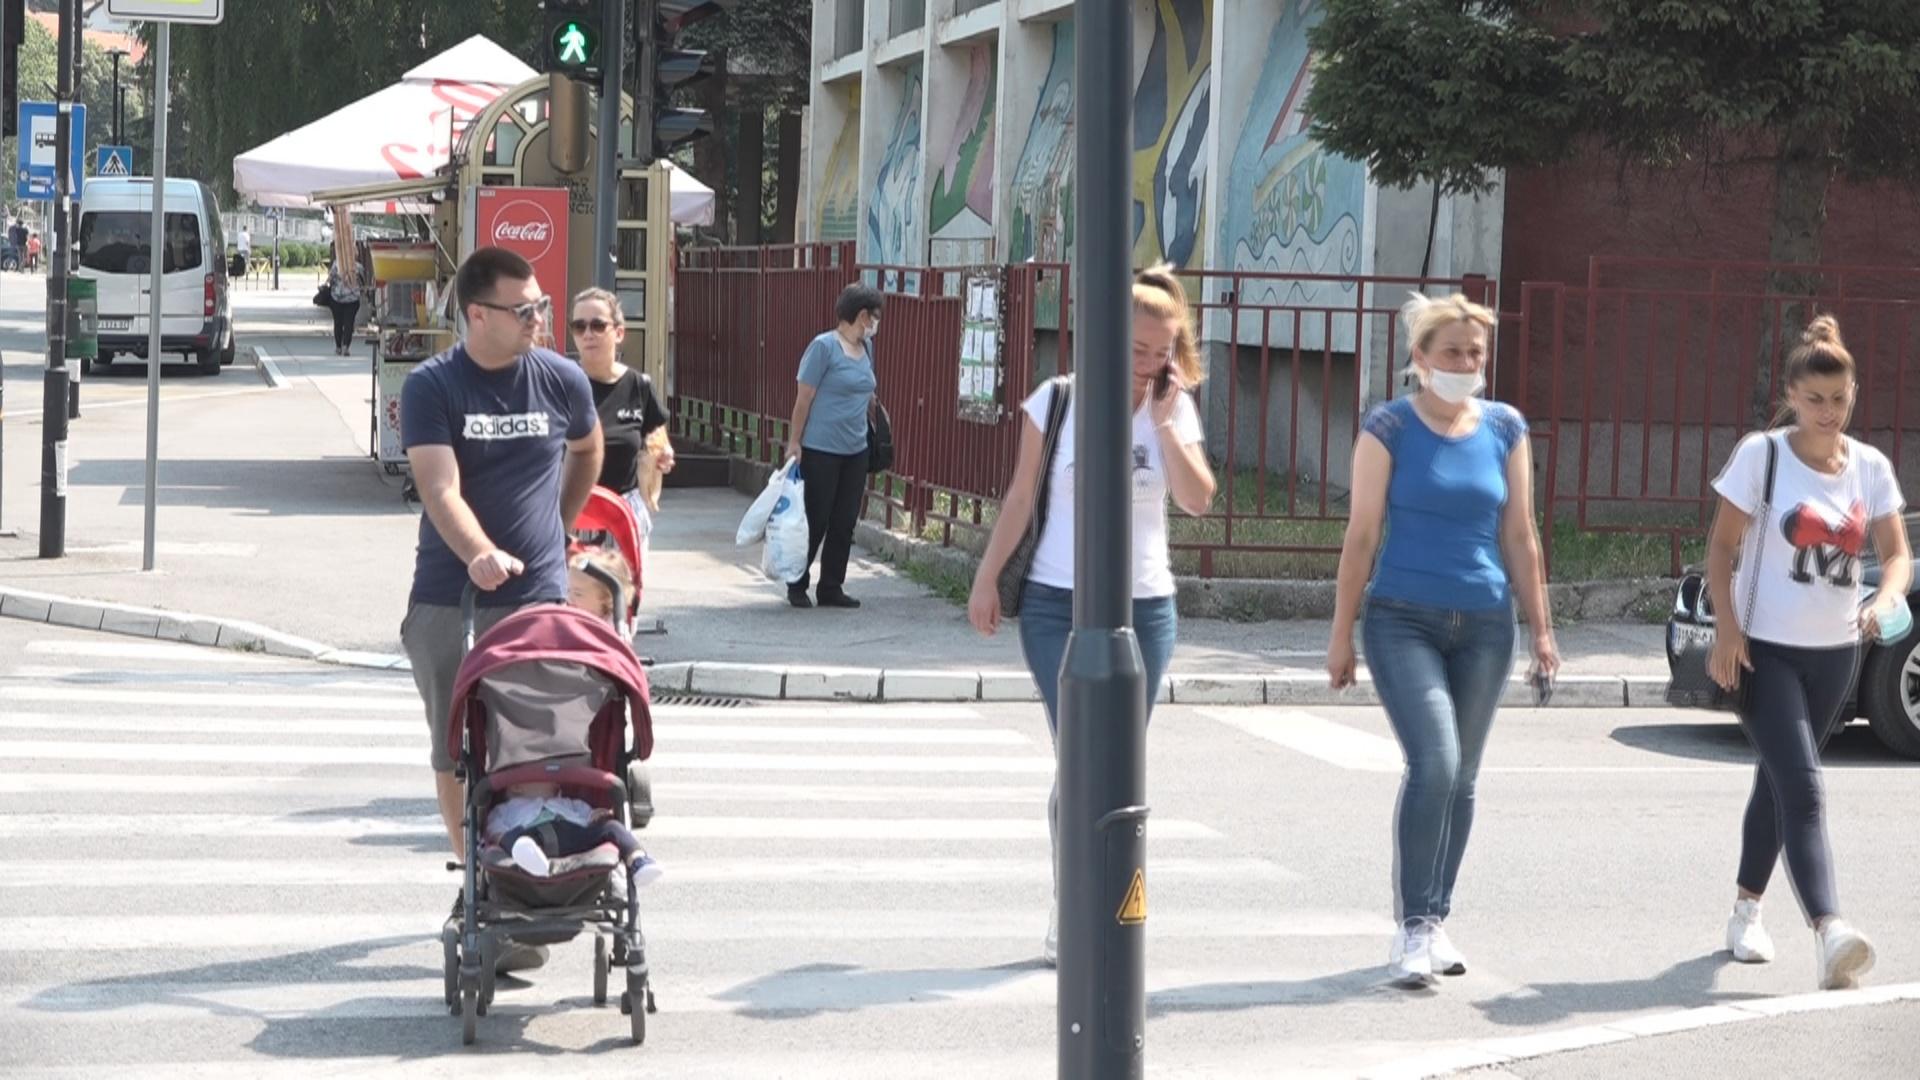 Које неплаћене послове најчешће обављају мушкарци из Пријепоља?